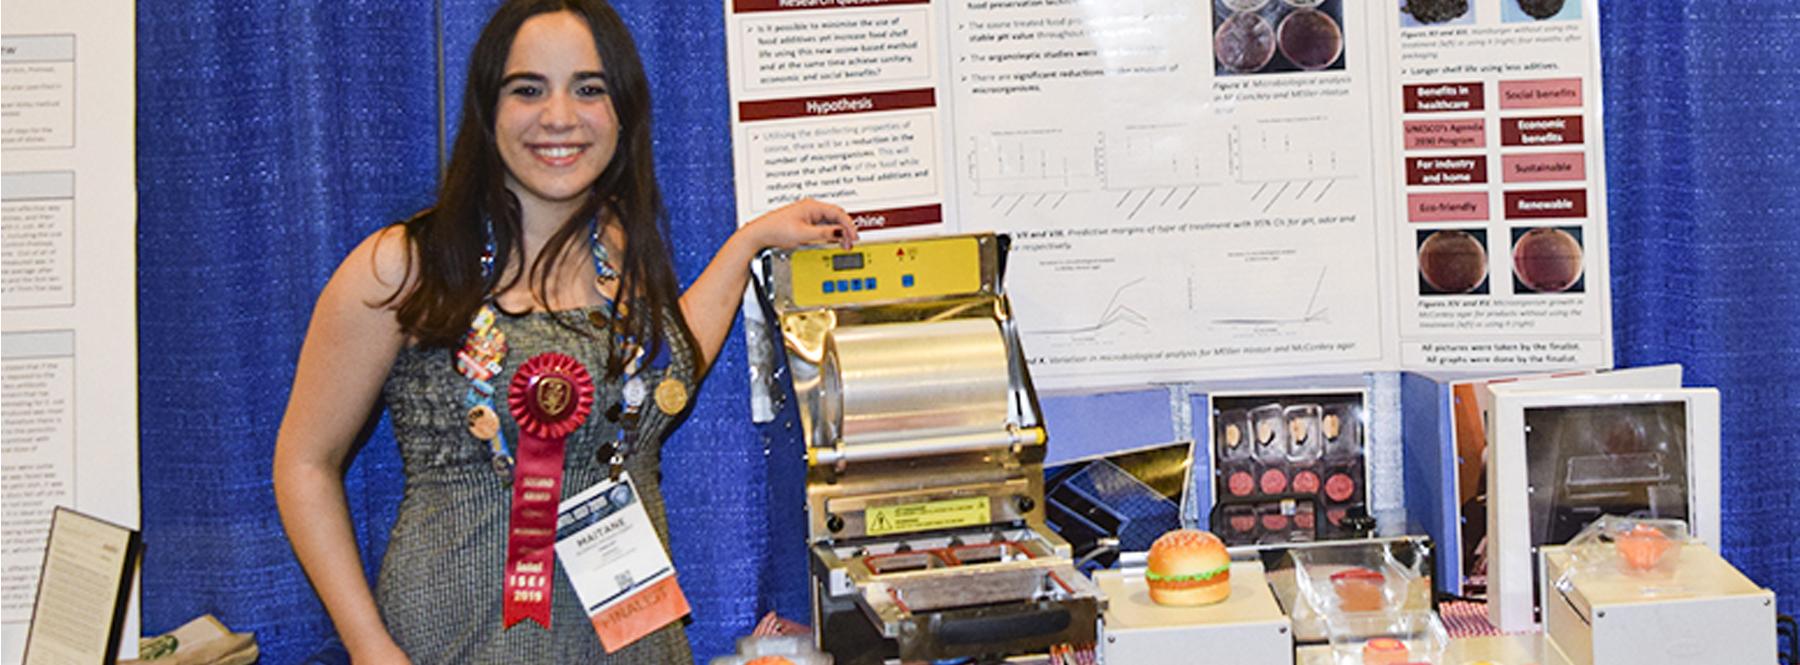 La estudiante española que prolonga la vida de los alimentos con una máquina casera